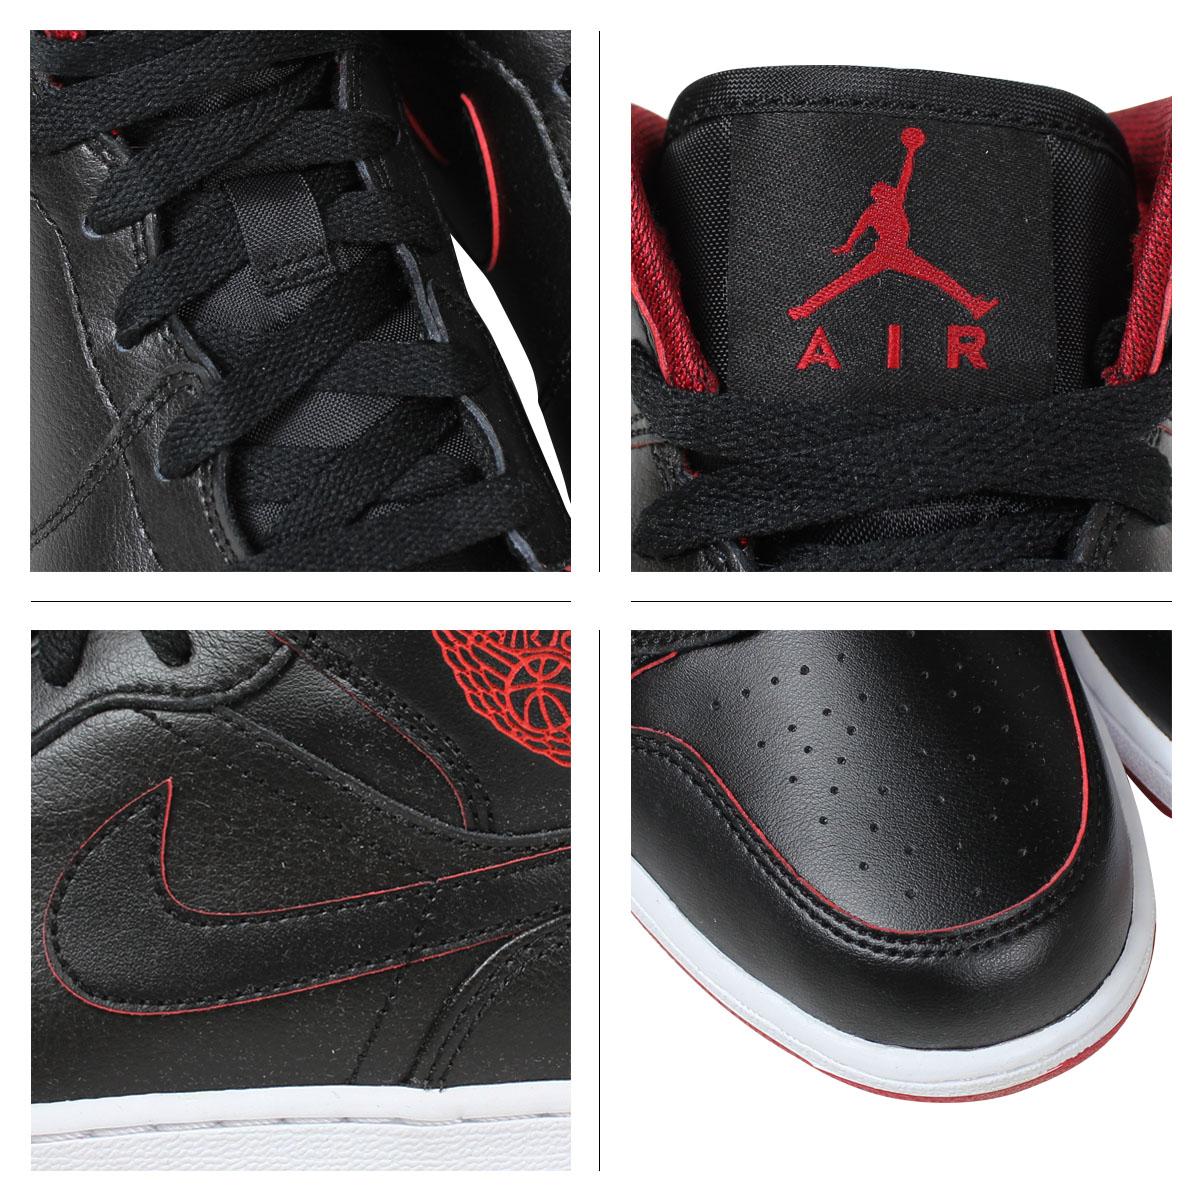 Nike NIKE Air Jordan sneakers Womens AIR JORDAN 1 MID BG Air Jordan 1 mid  554725 - 028 shoes black 8eb0e01e14